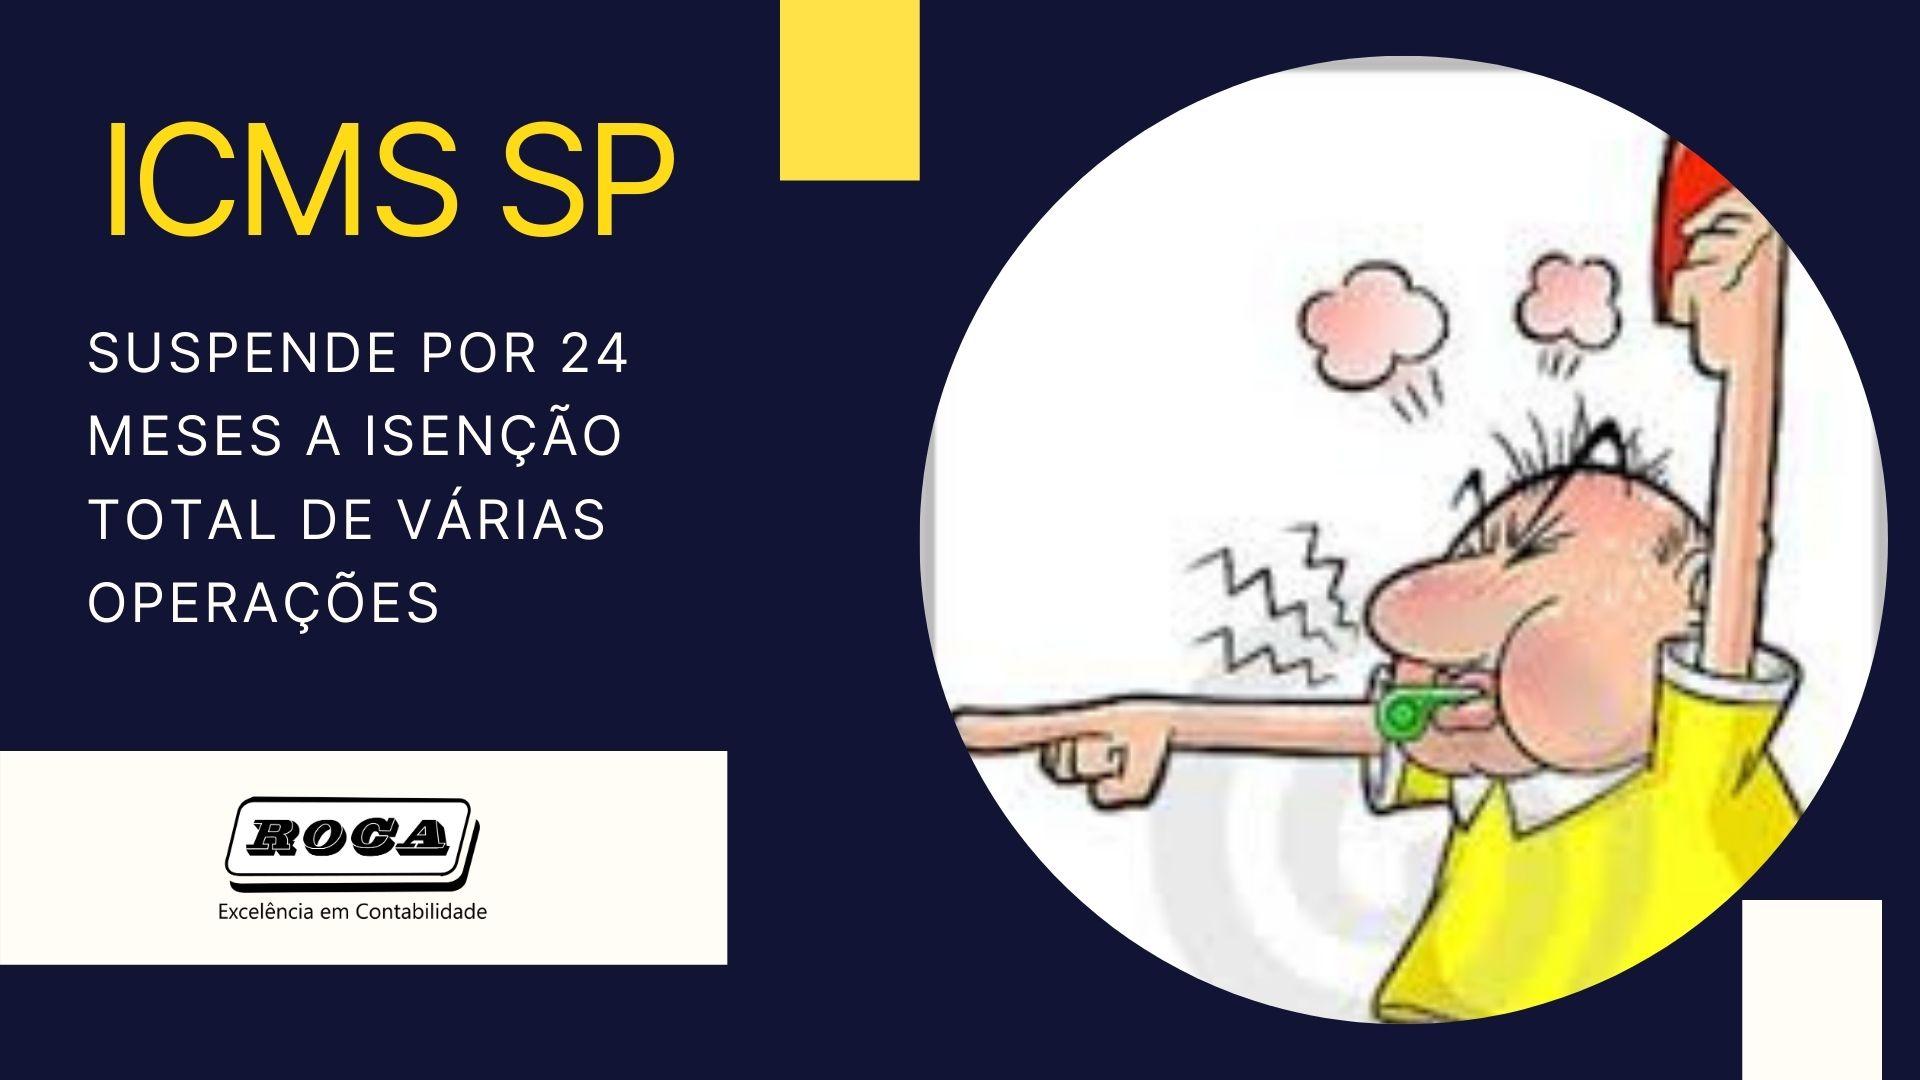 ICMS-SP: SUSPENDE POR 24 MESES A ISENÇÃO TOTAL DE VÁRIAS OPERAÇÕES